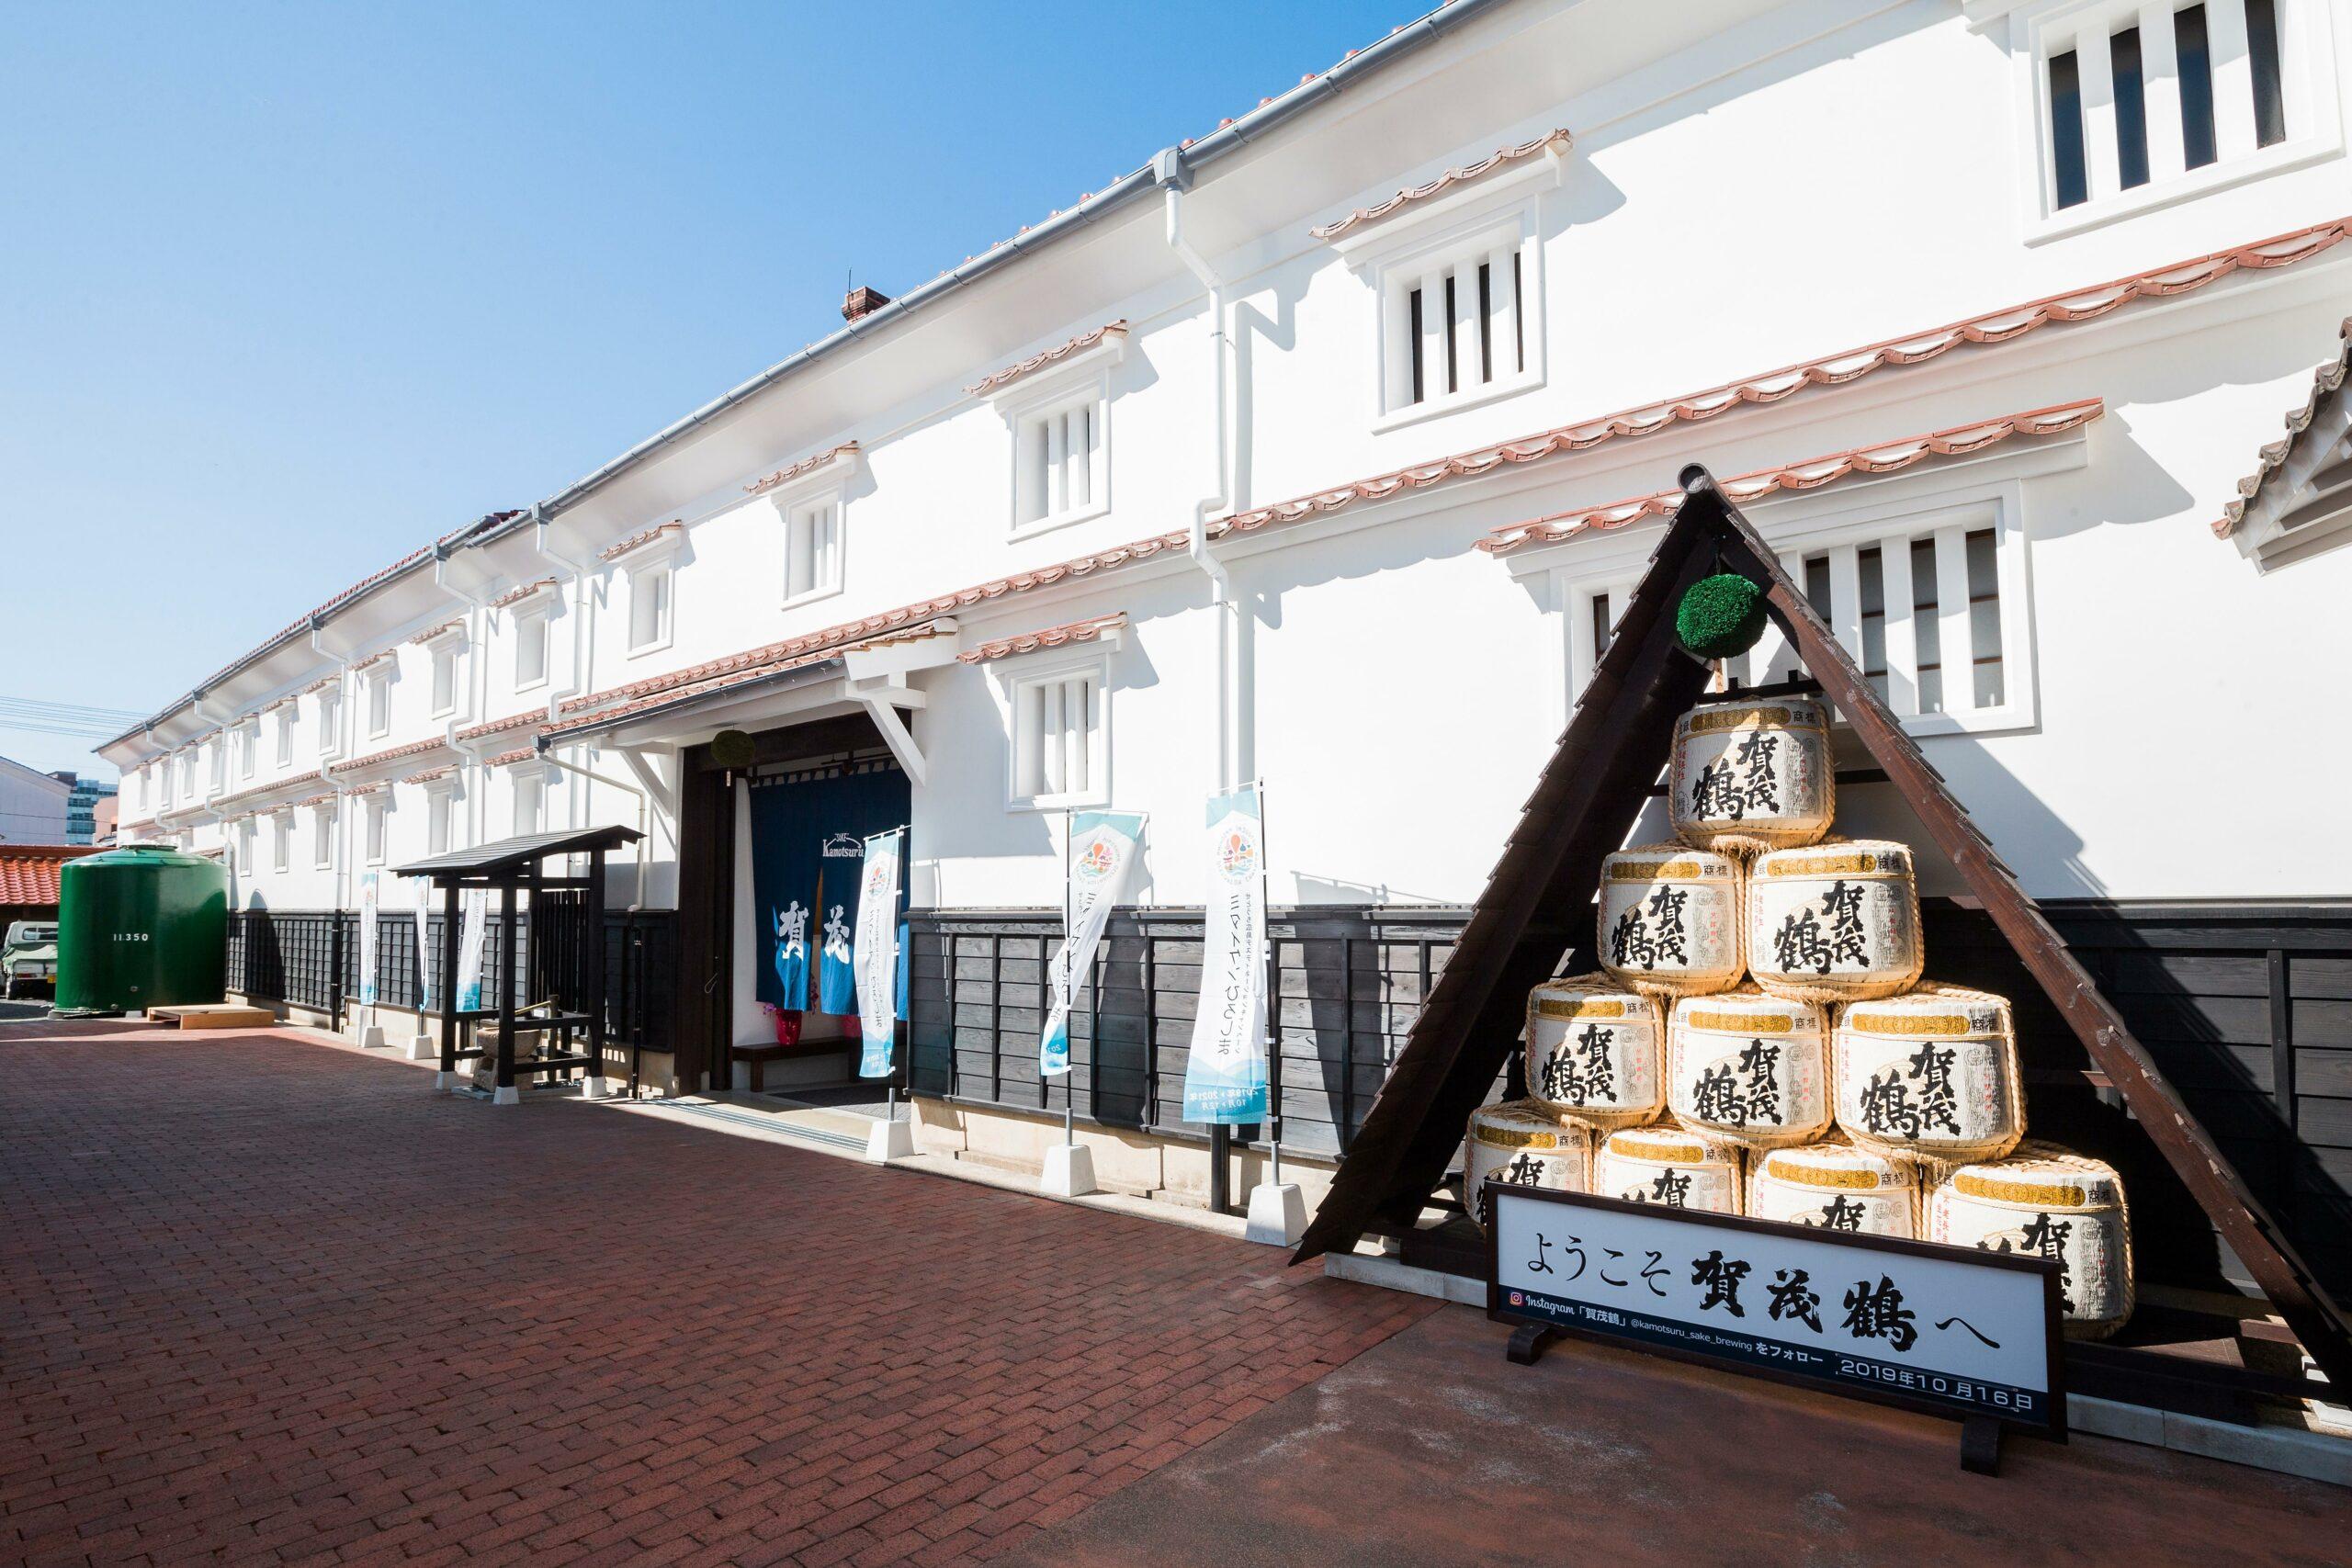 西条酒蔵通り 賀茂鶴酒造 見学室直売所(東広島市)